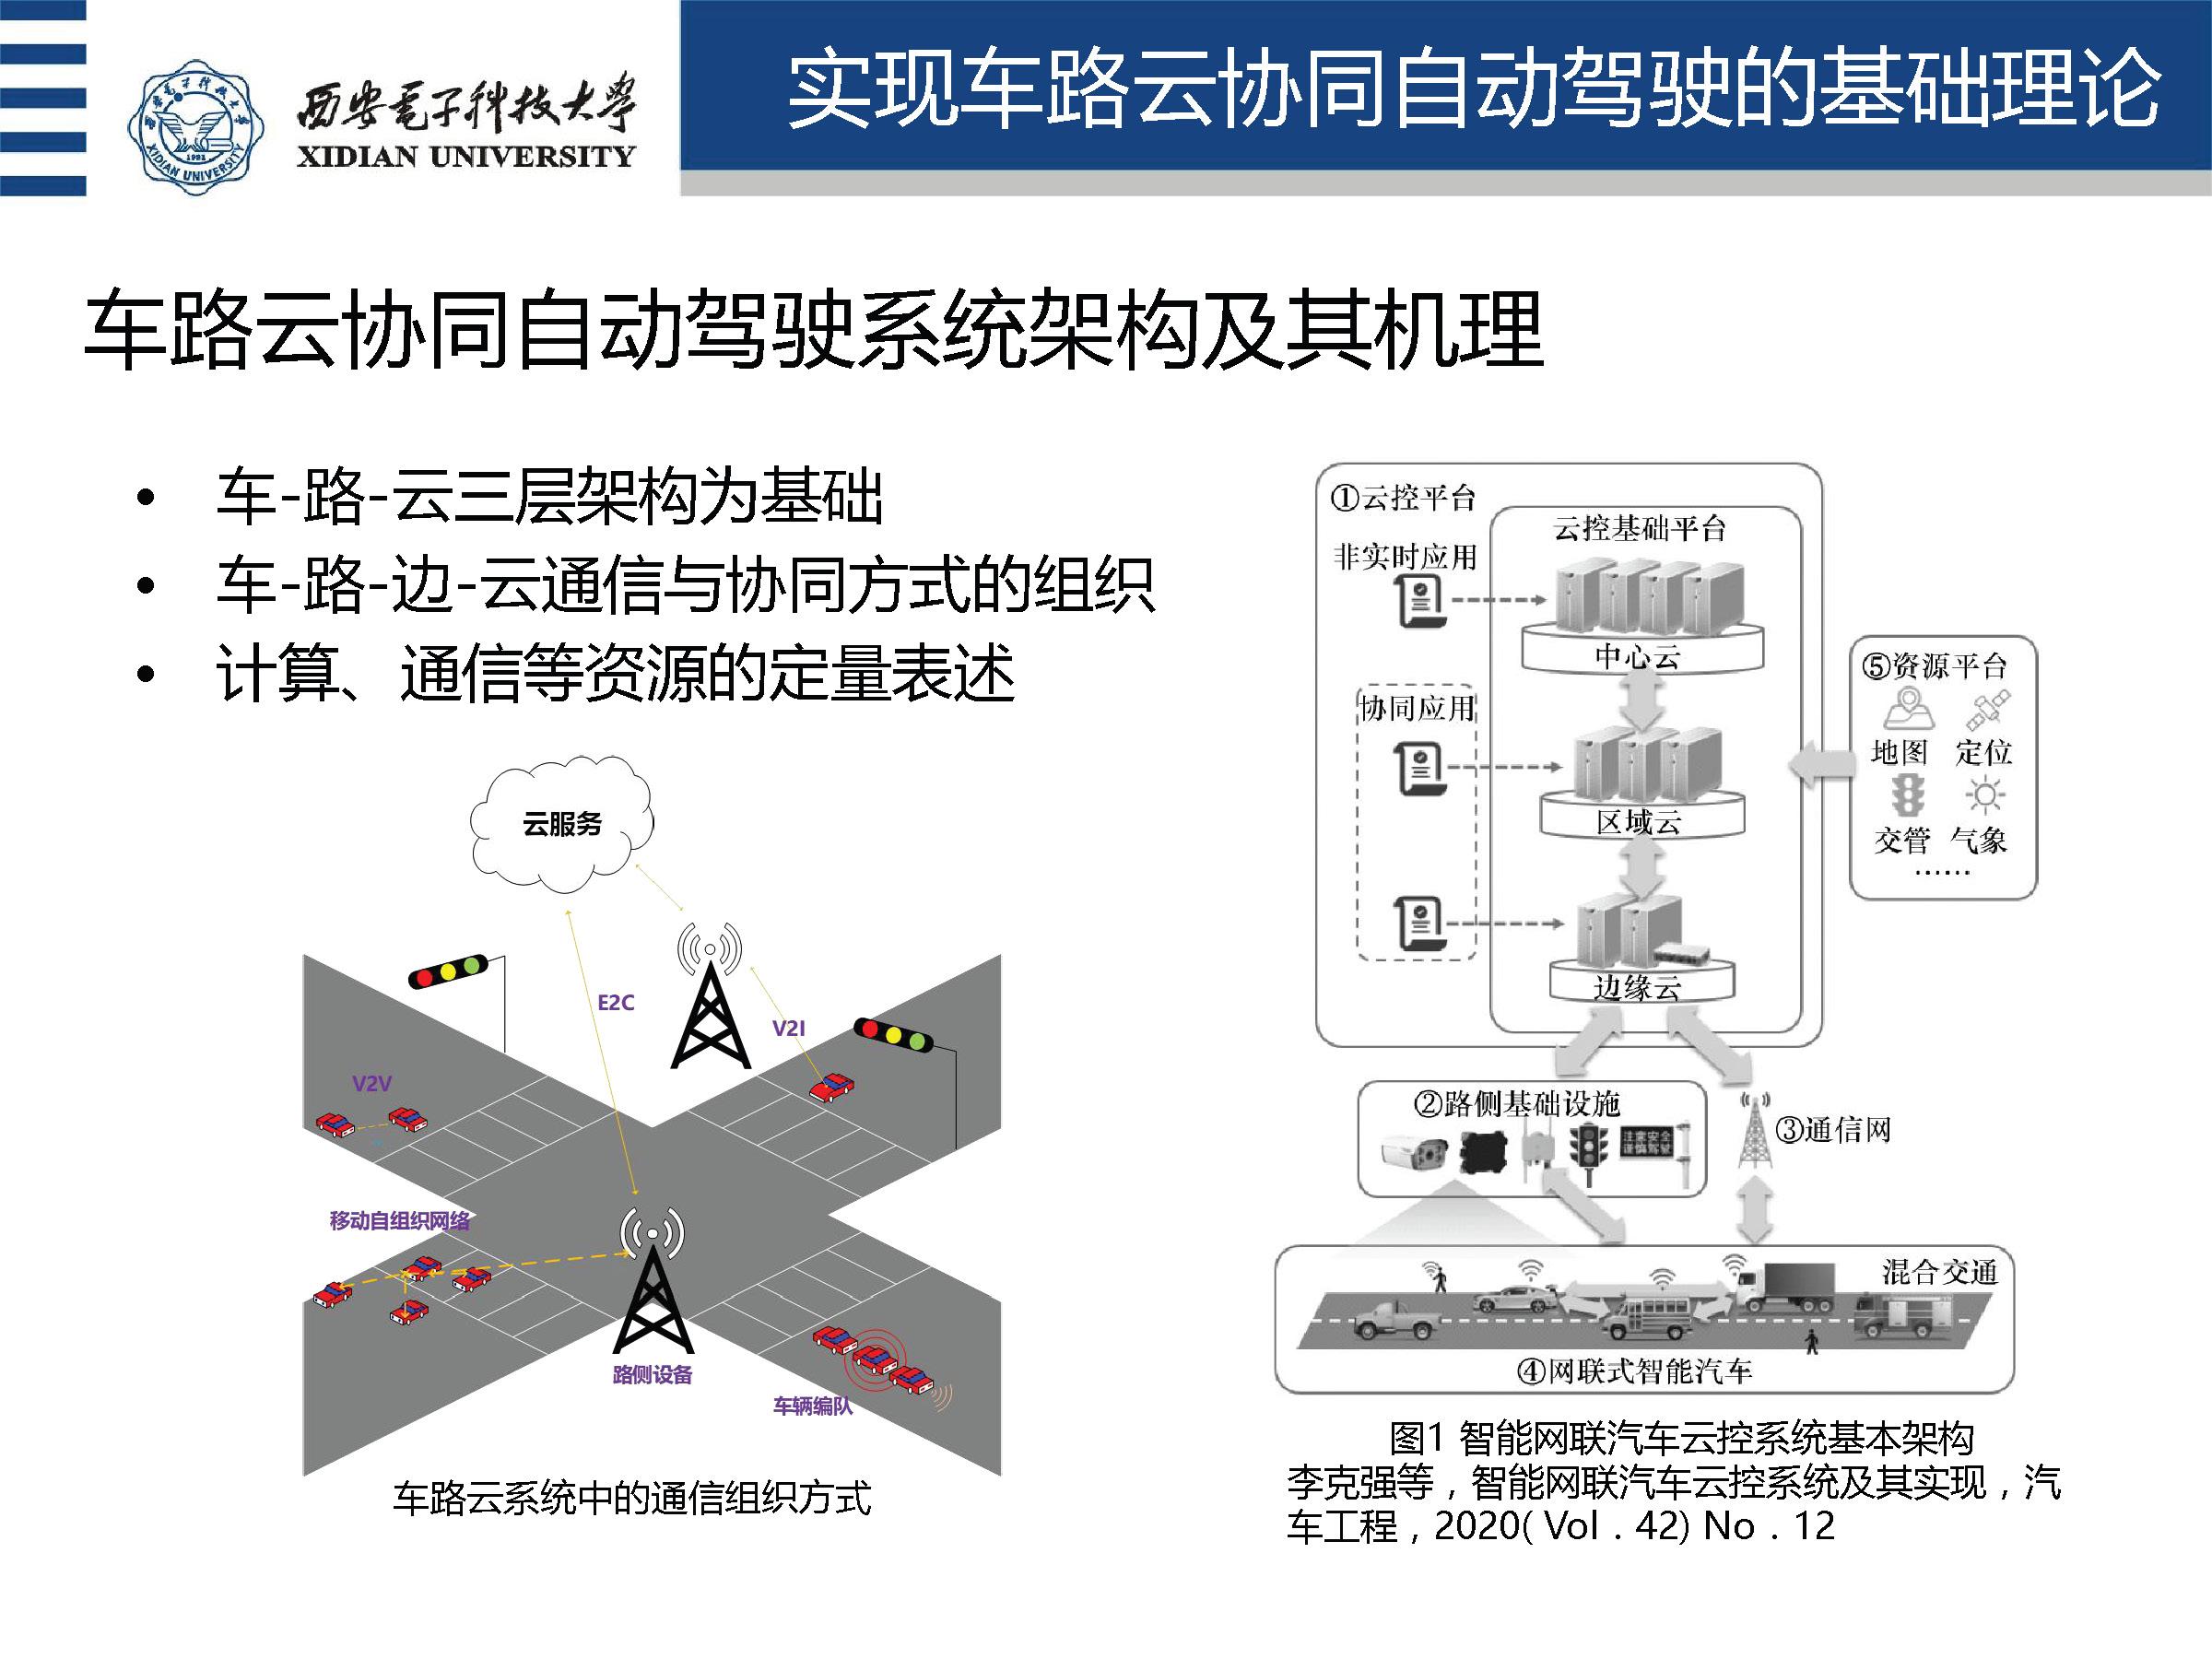 西安电子科技大学盛凯教授:车路云协同自动驾驶理论与关键技术